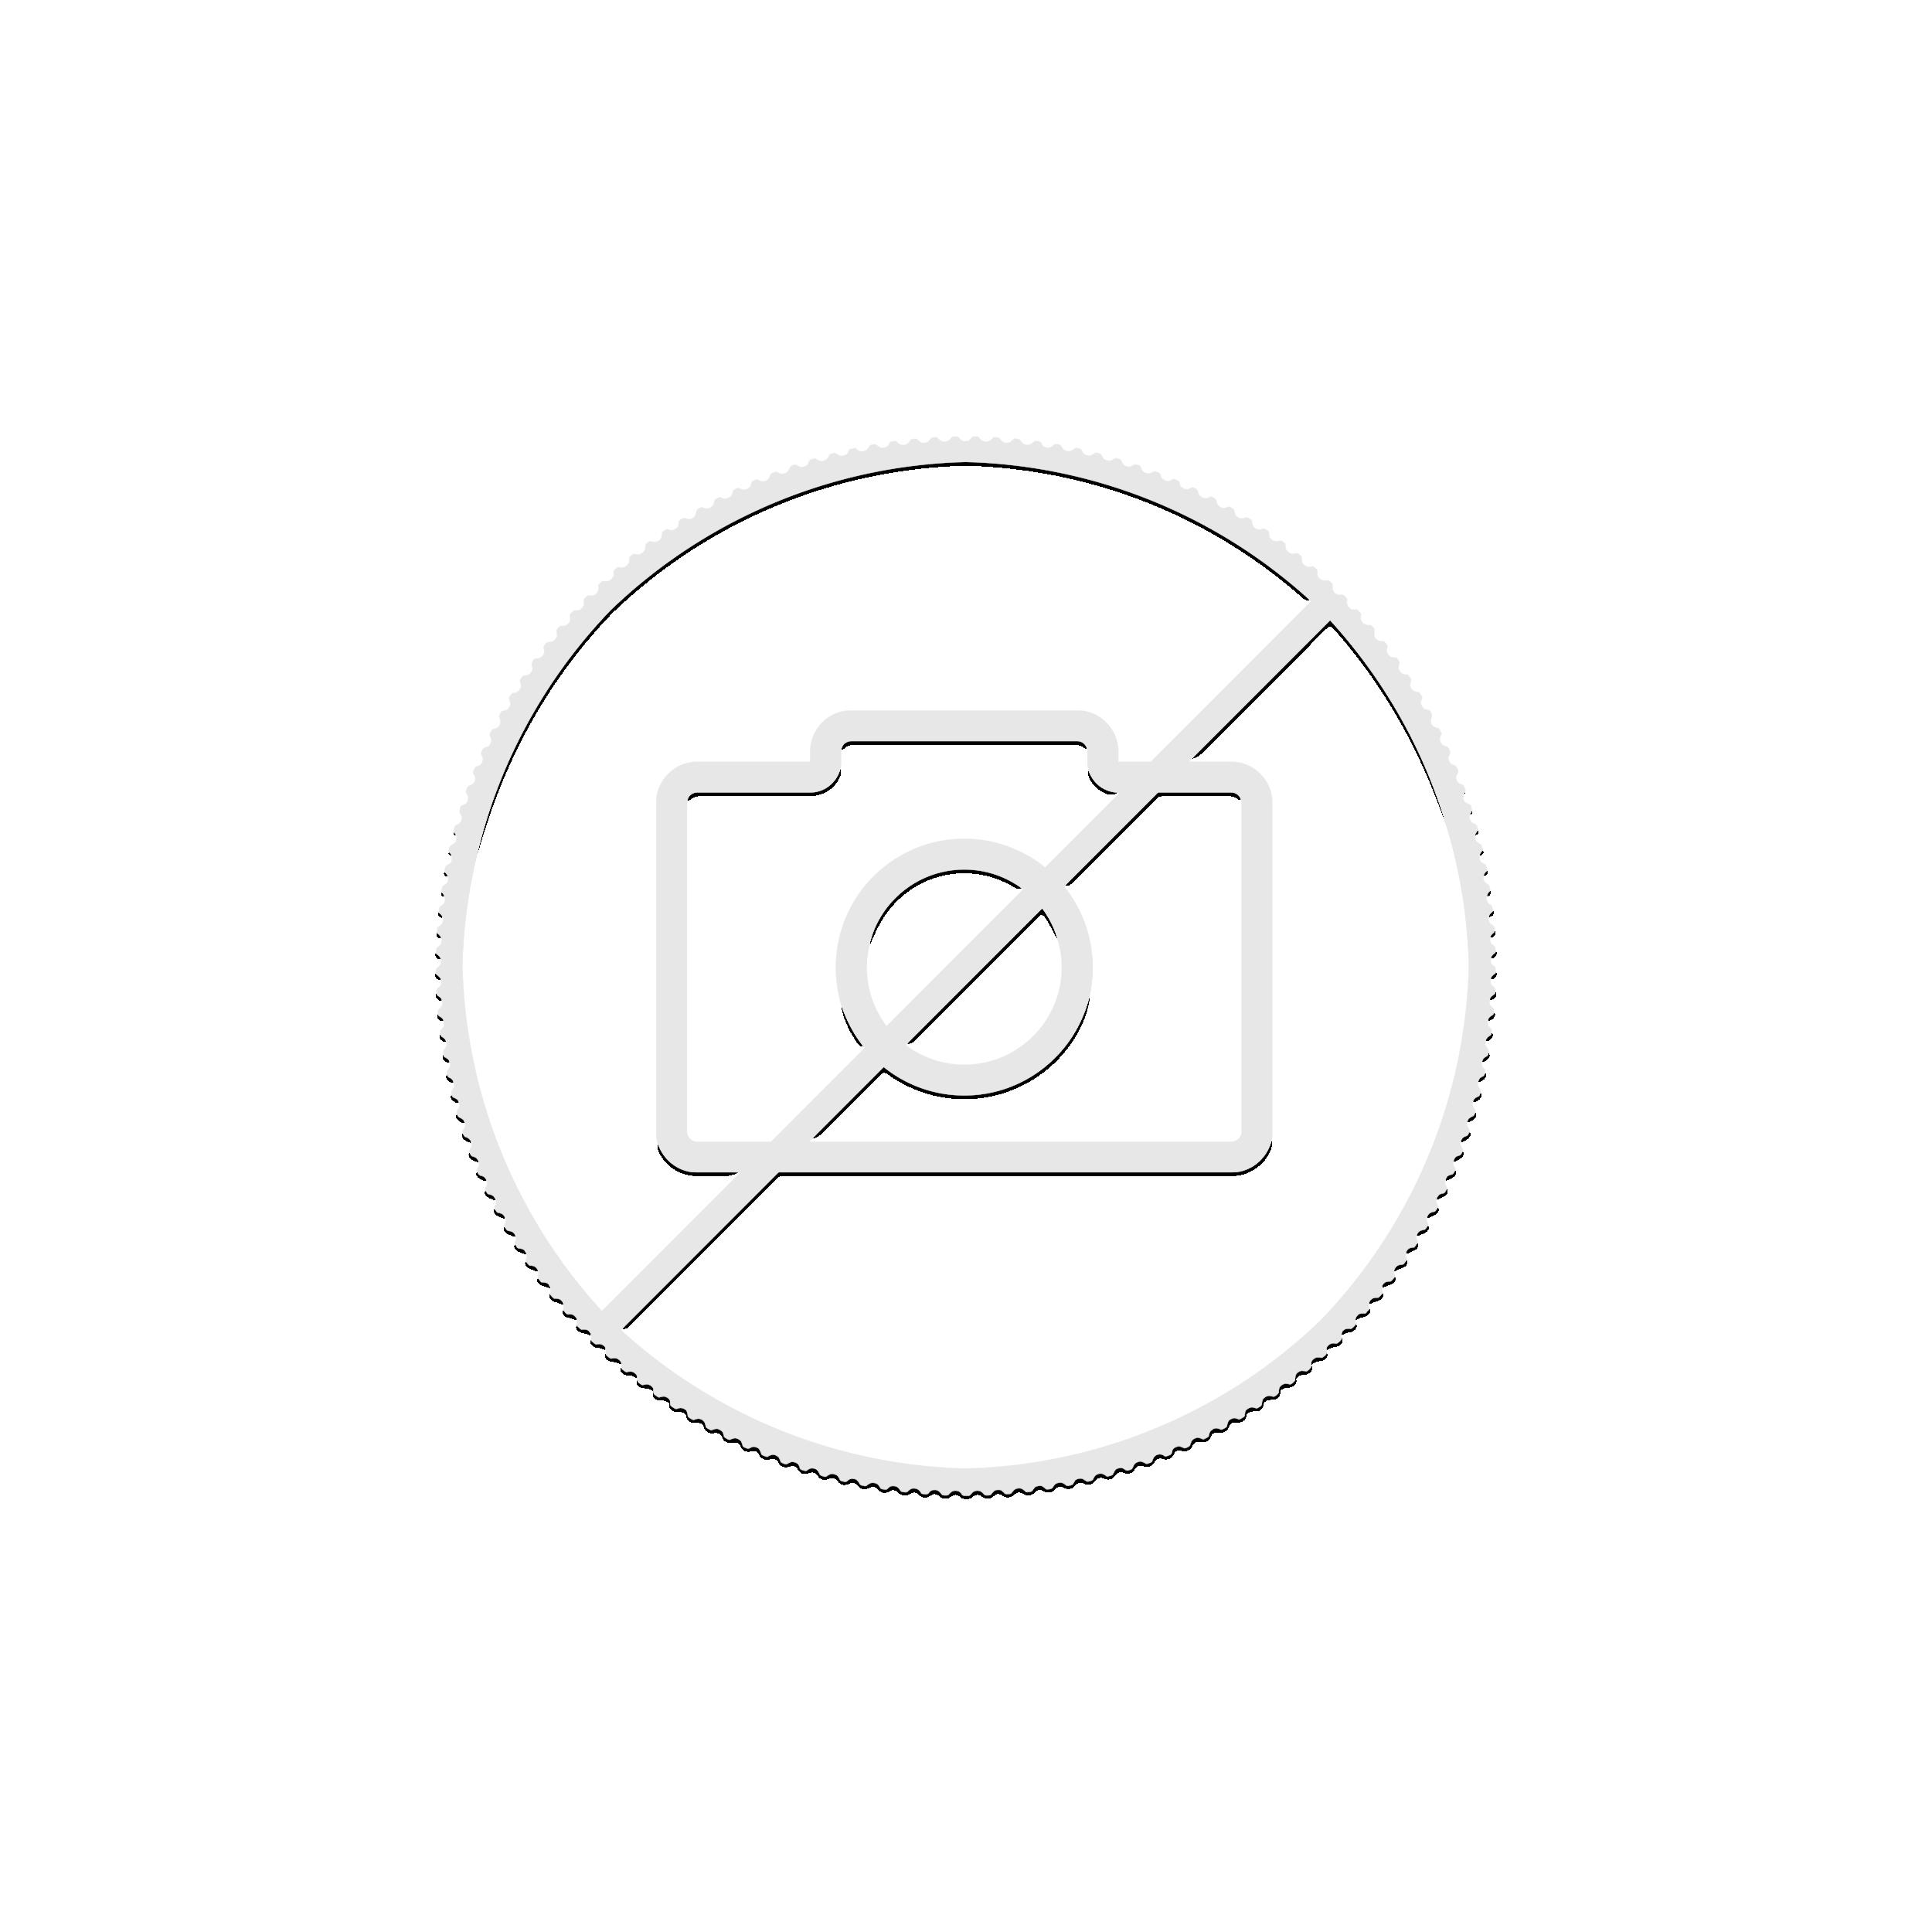 1 Troy ounce zilveren munt Golden Ring - Kookaburra 2019